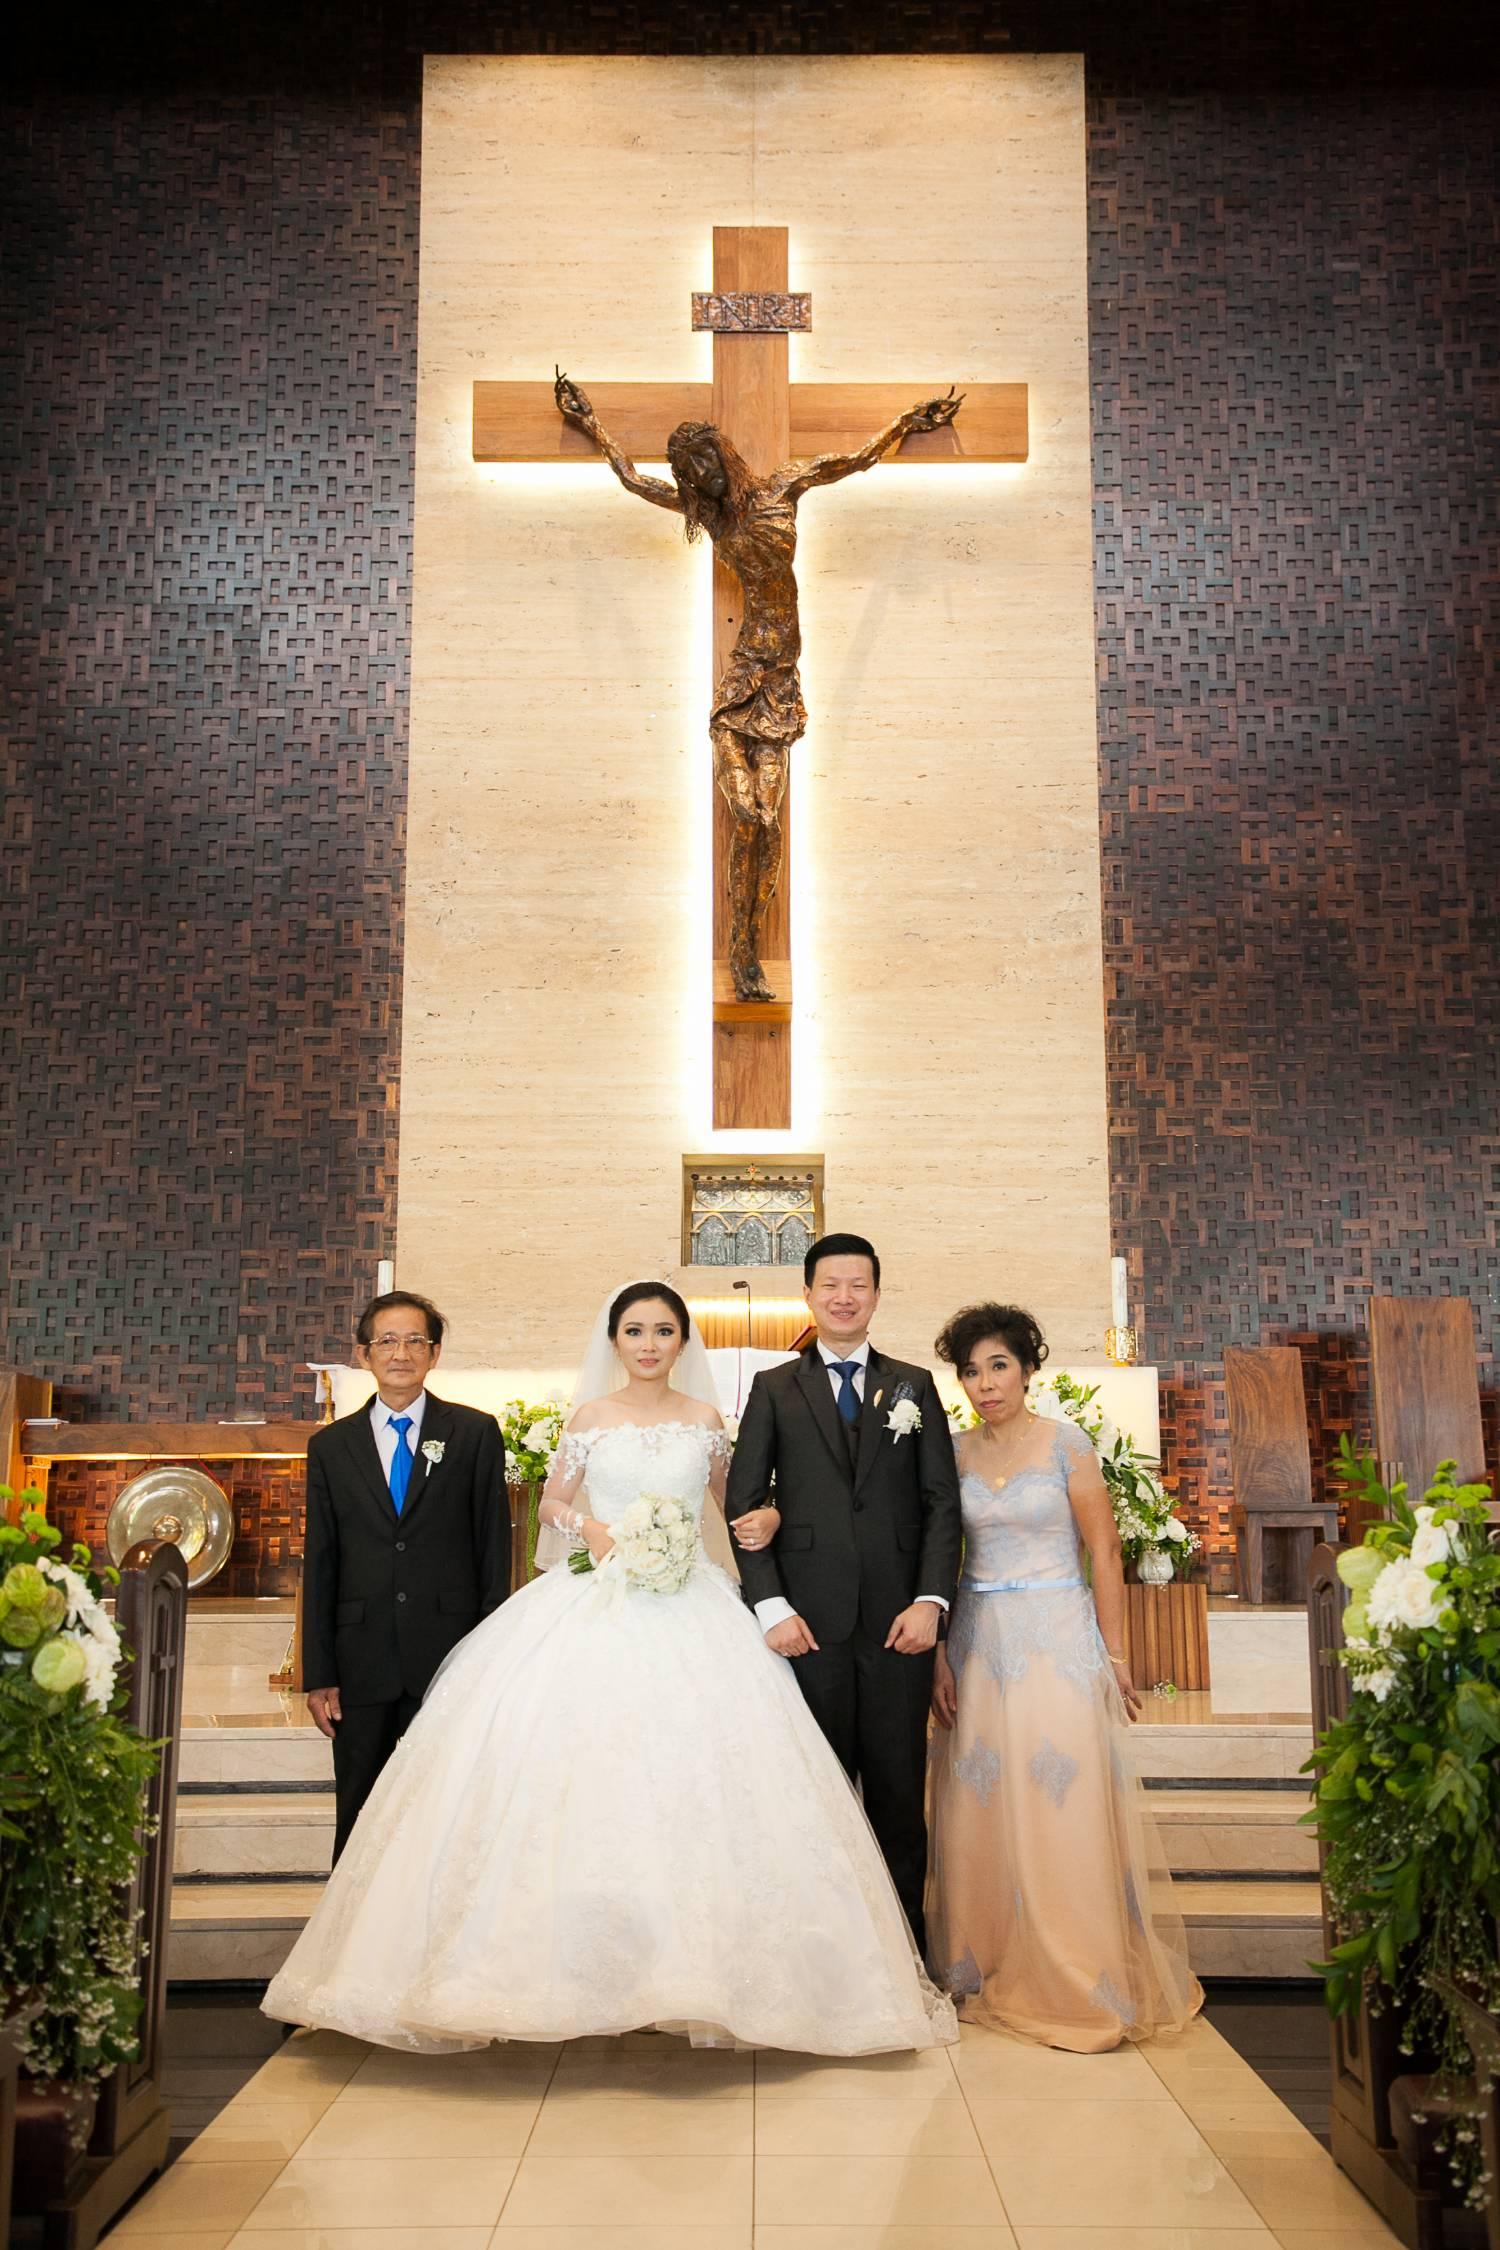 Grand Wedding at Merylnn Park 9